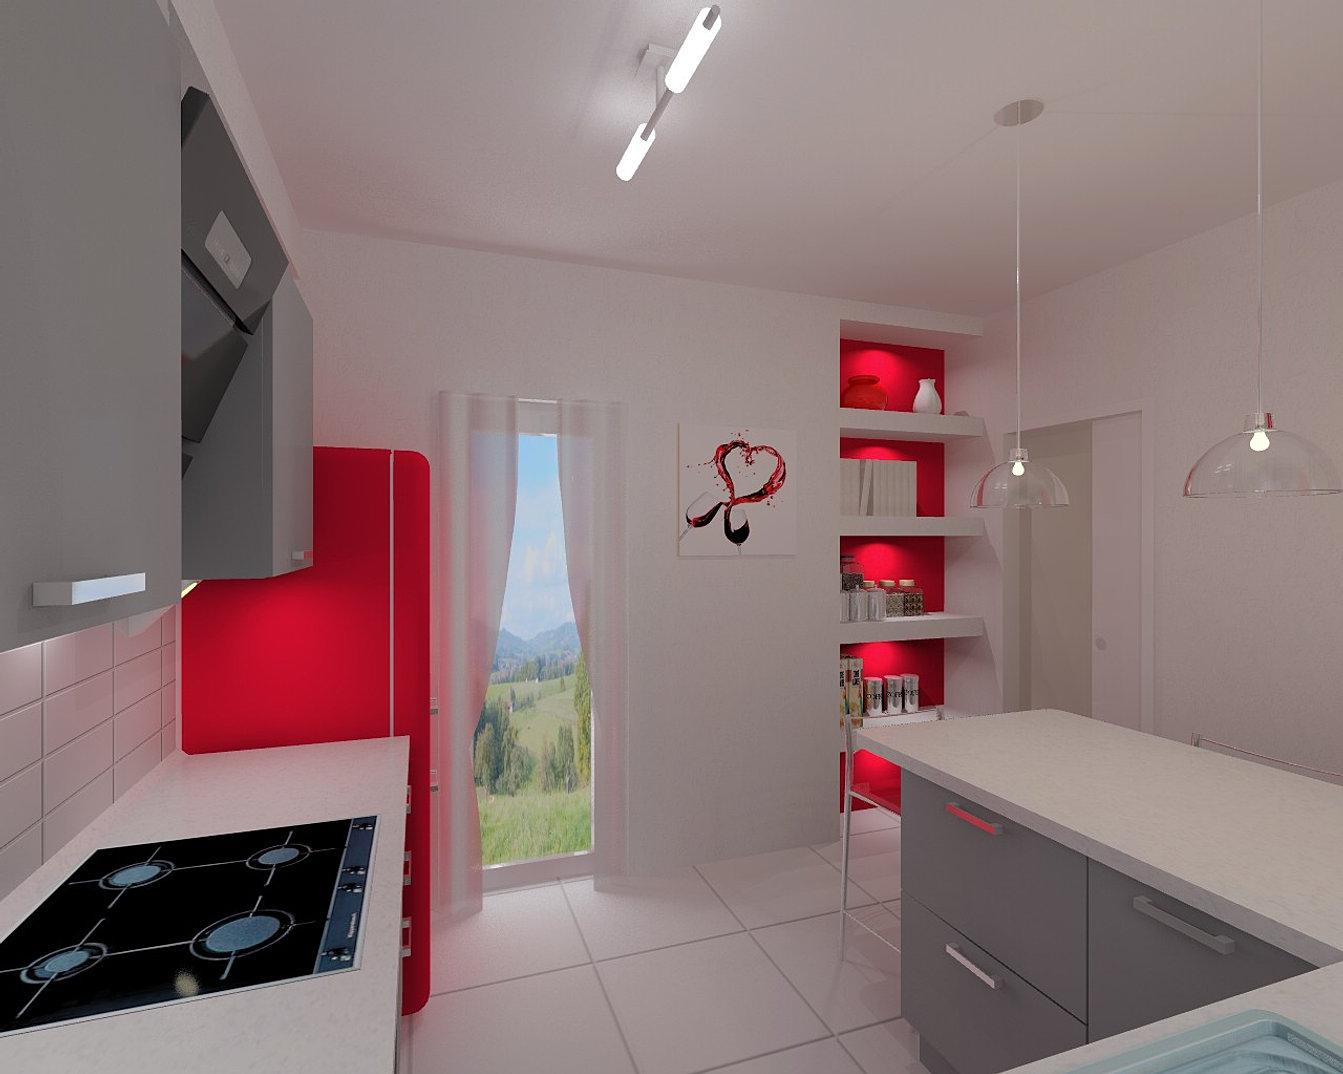 Progettare Una Cucina On Line. Come Progettare Una Cucina With ...